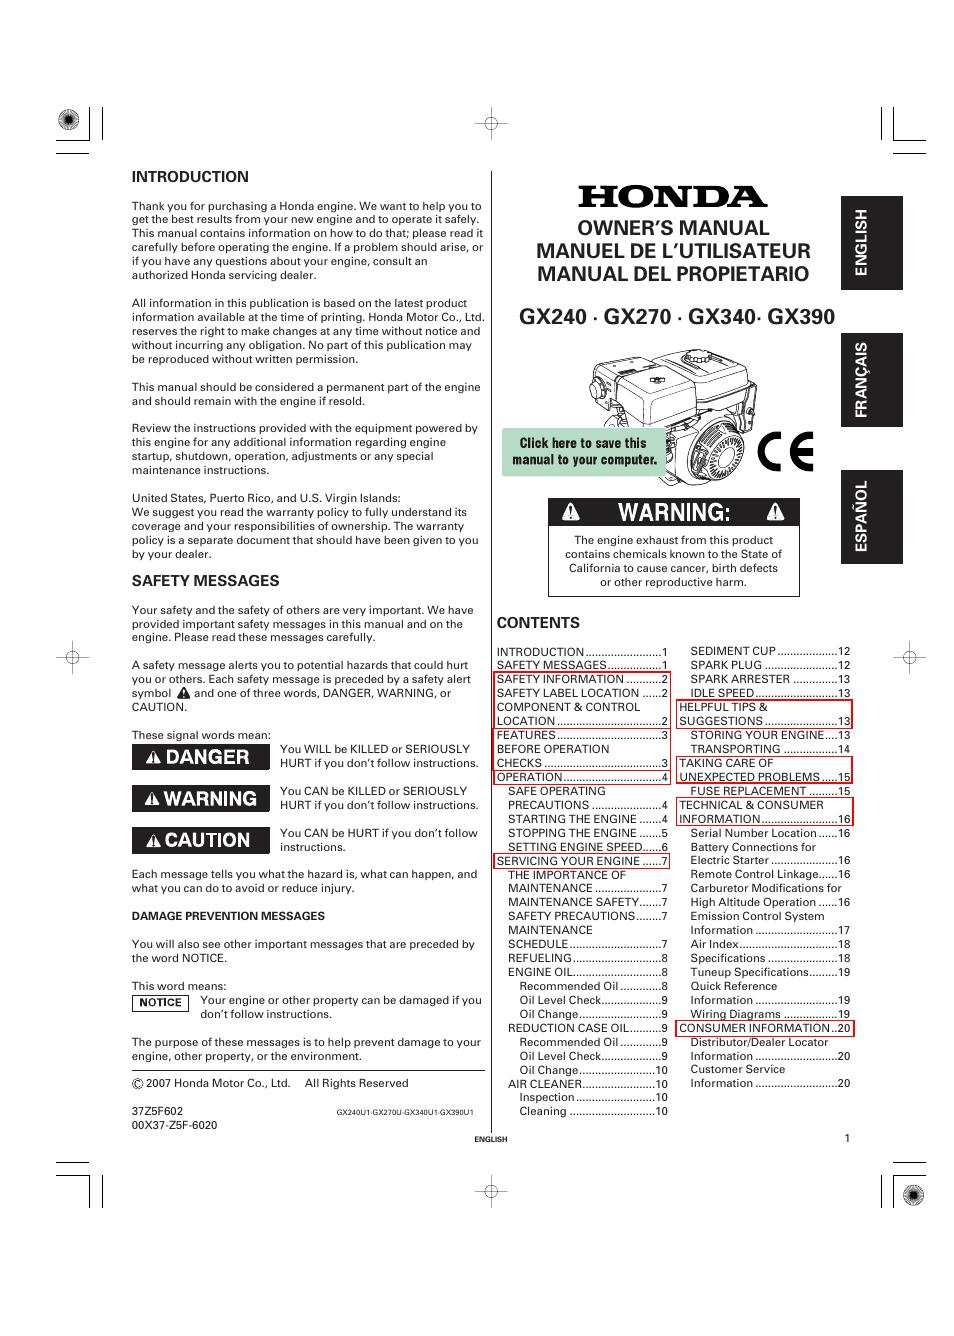 manual for honda gx270 free owners manual u2022 rh wordworksbysea com honda gx270 owners manual free honda gx270 service manual